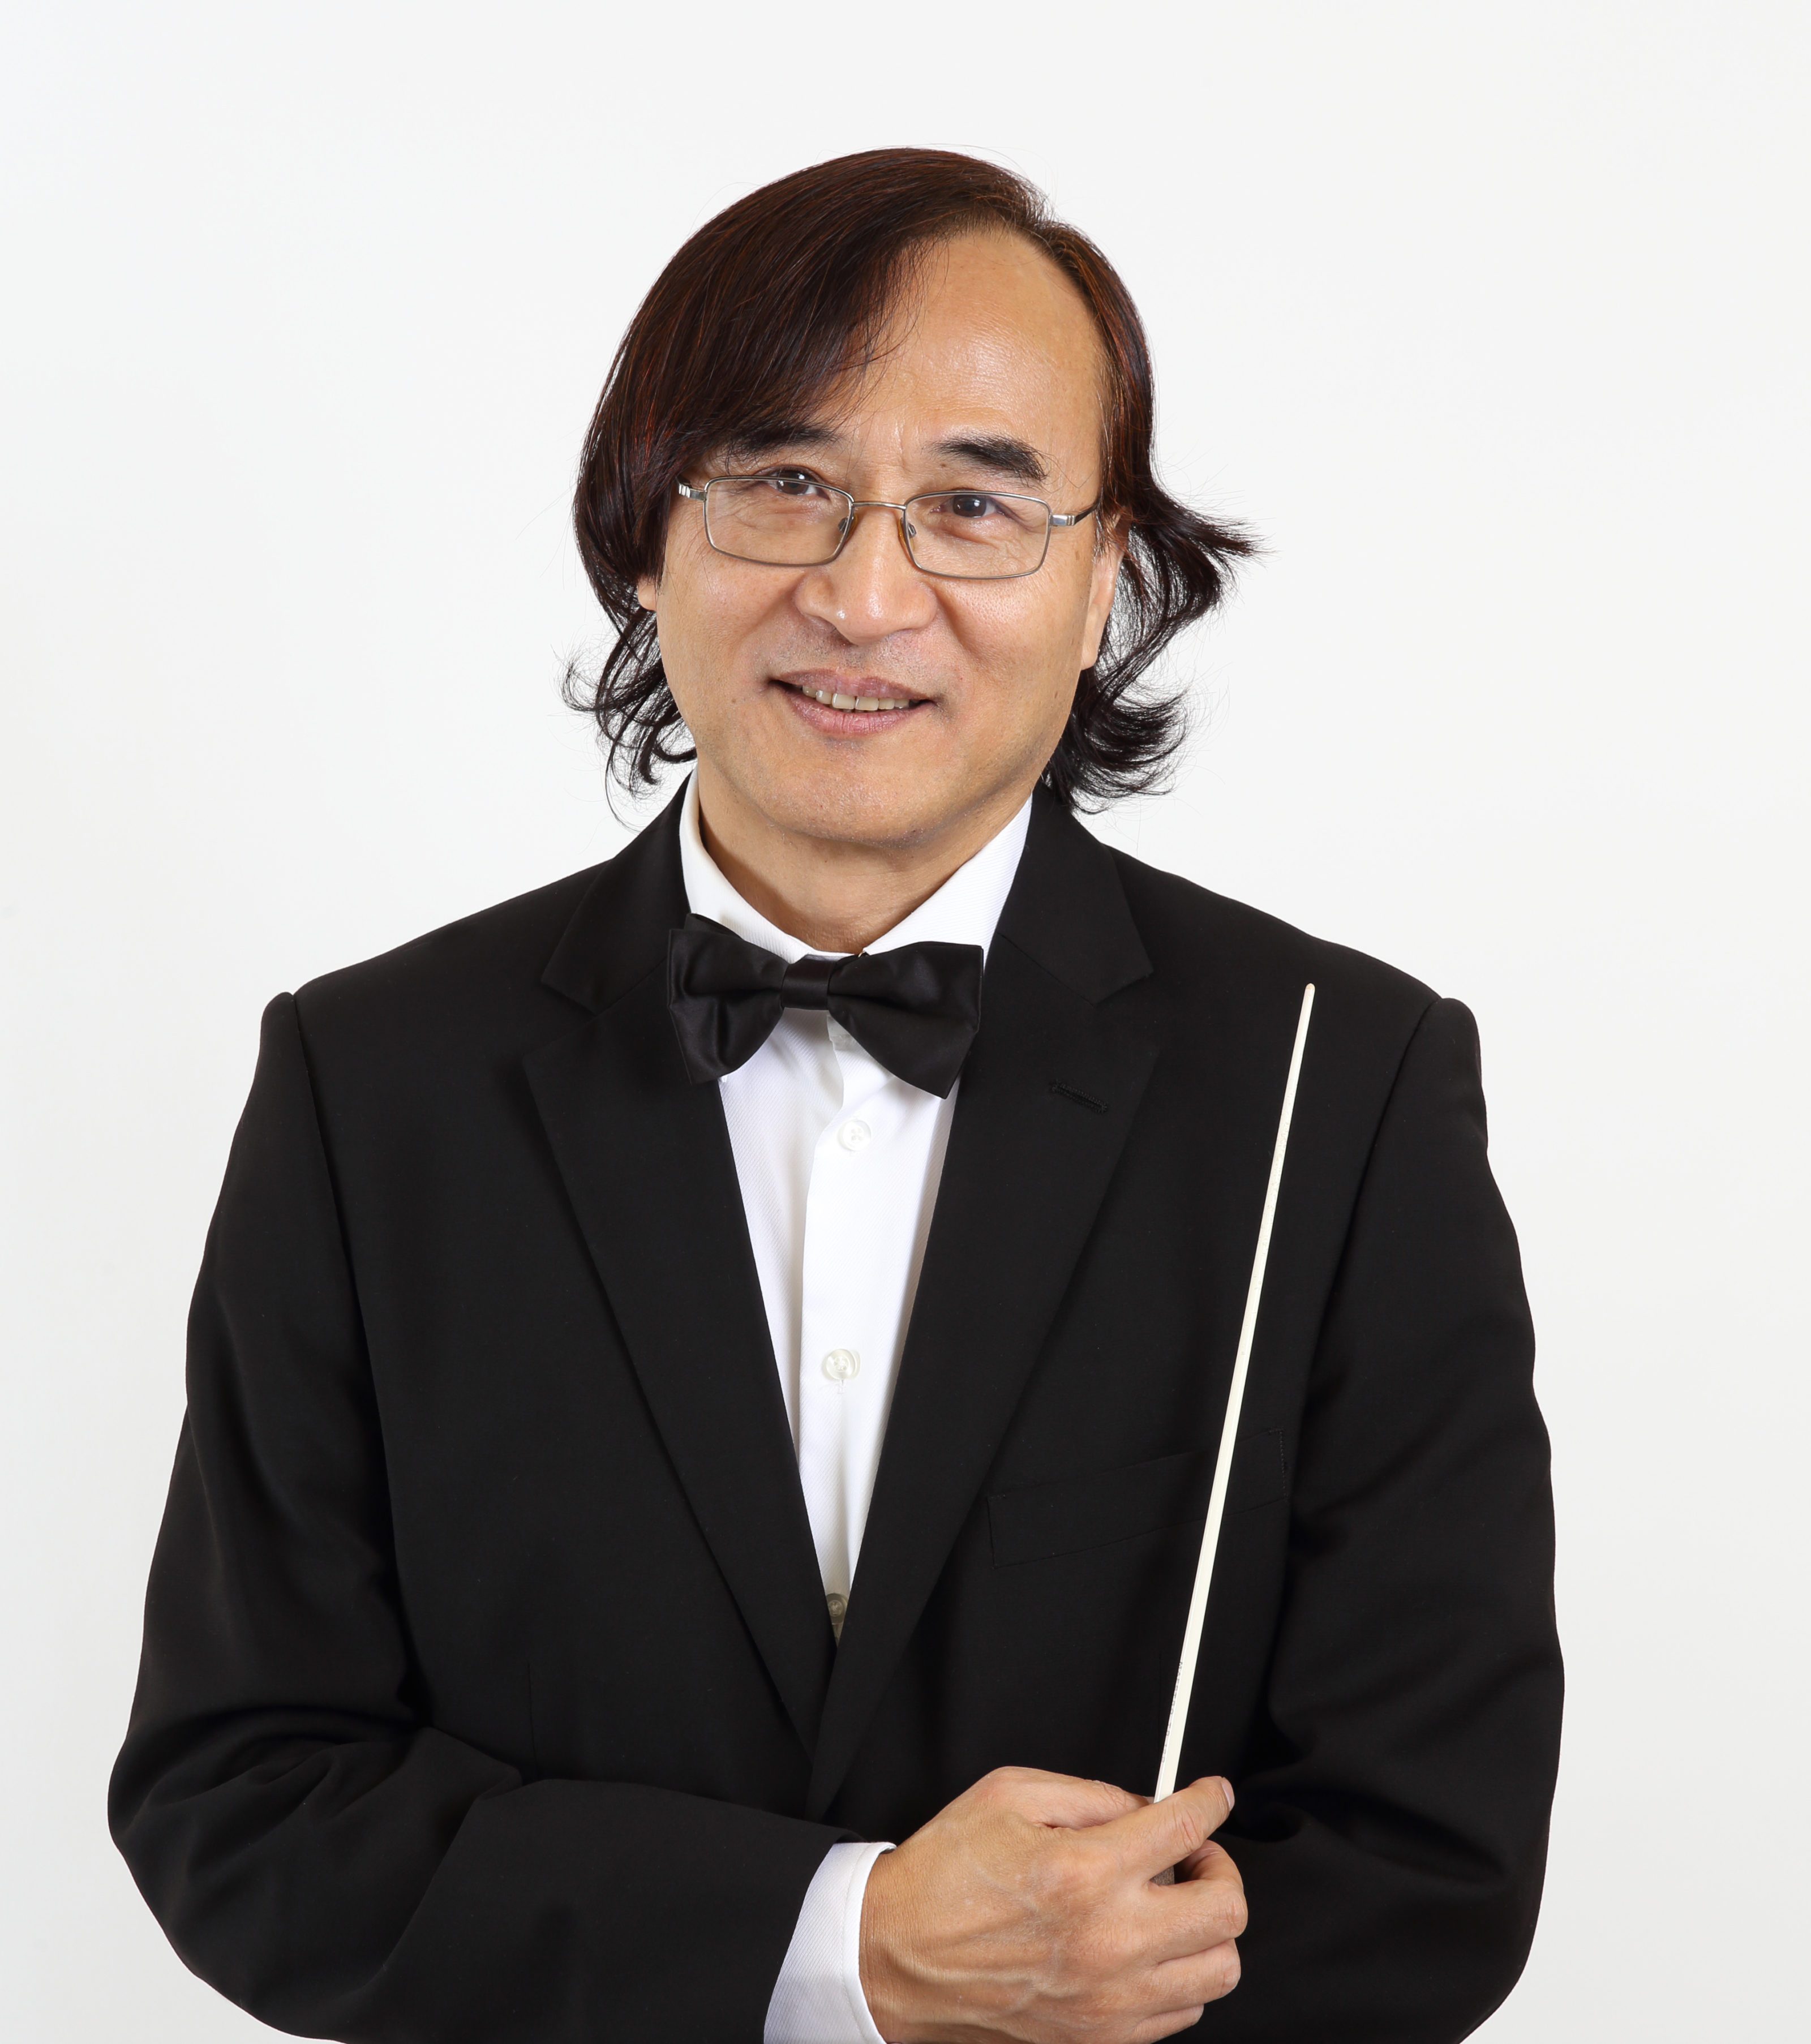 Mr. Jin Zhang